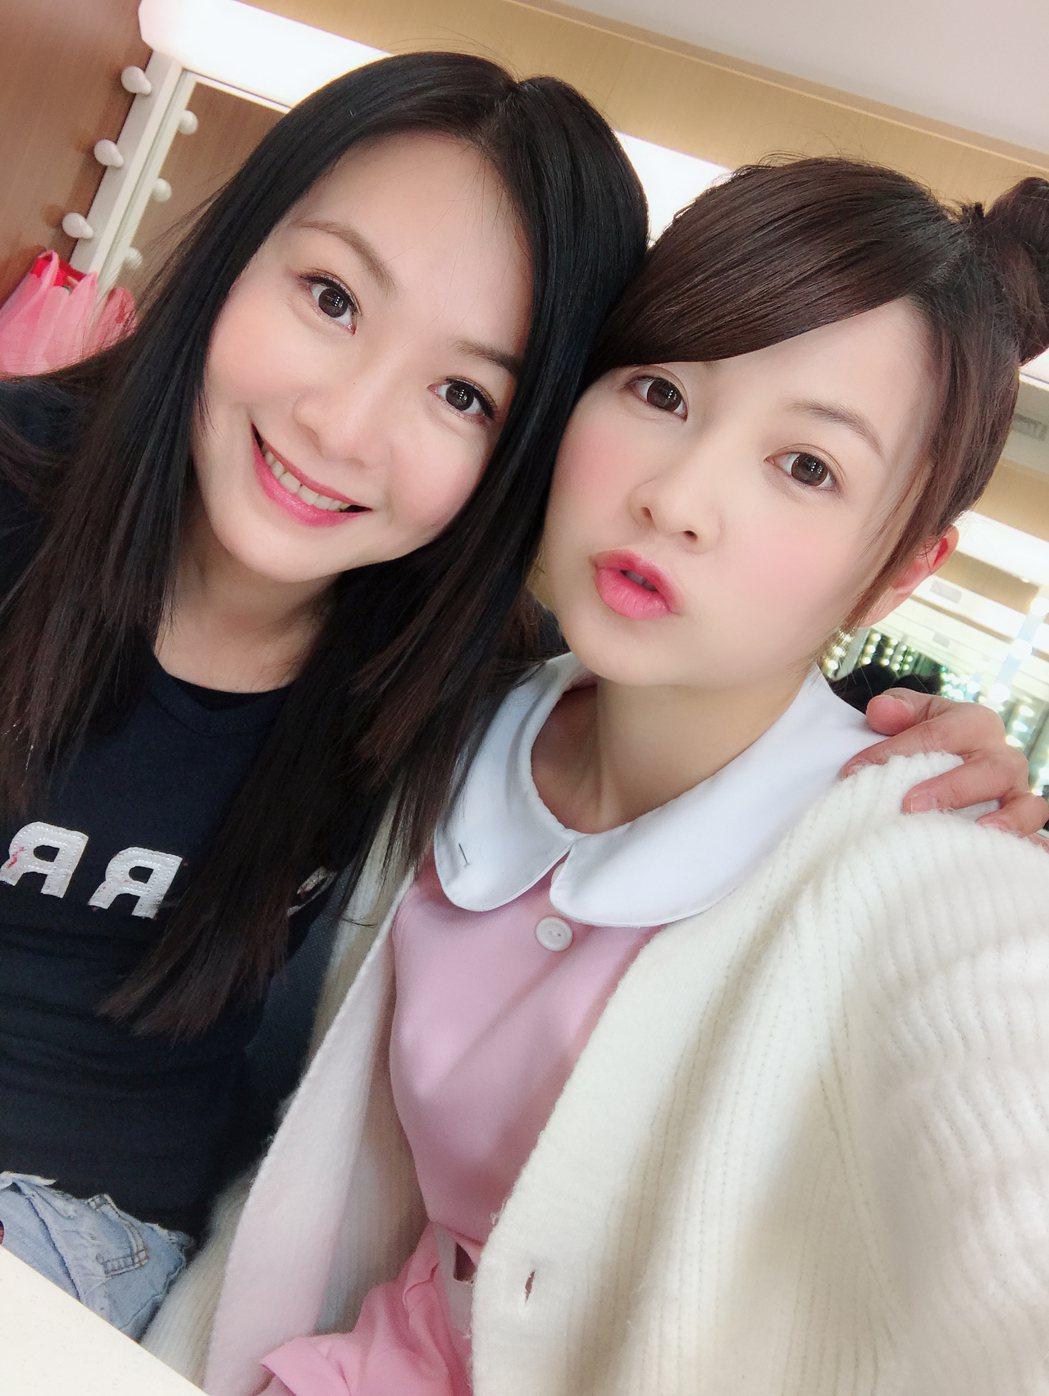 陳妍安(左)、謝京穎「母女」在「實習醫師鬥格」中重逢超開心。圖/民視提供